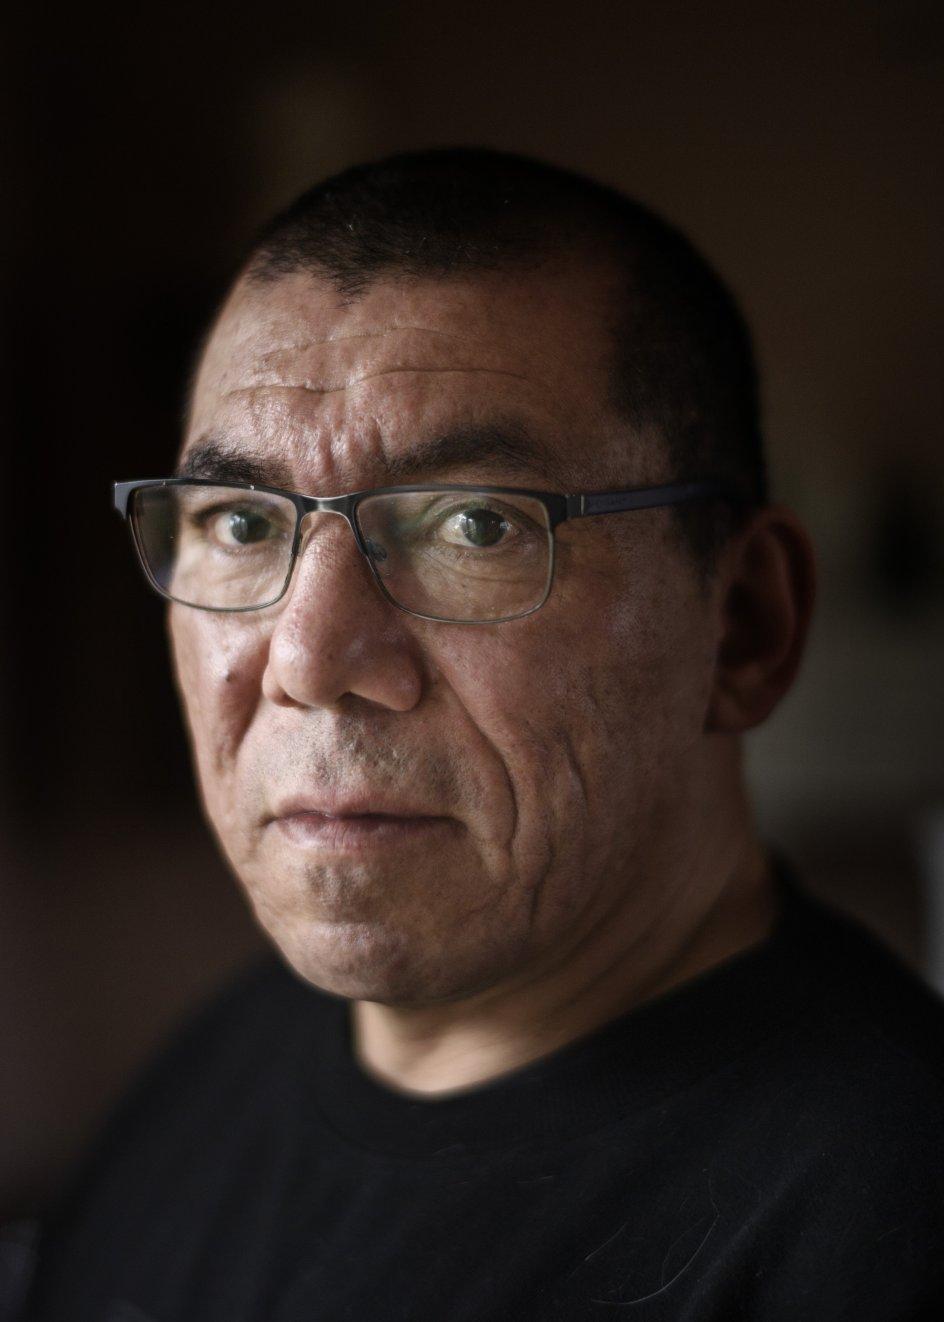 Manuel Tom Kaalund blev ifølge sine adoptionspapirer født den 13. november 1974 og hed dengang Manuel Francisco Humeres Salinas. I dag har han to børn fra et tidligere forhold og to bonusbørn med sin nuværende kæreste.